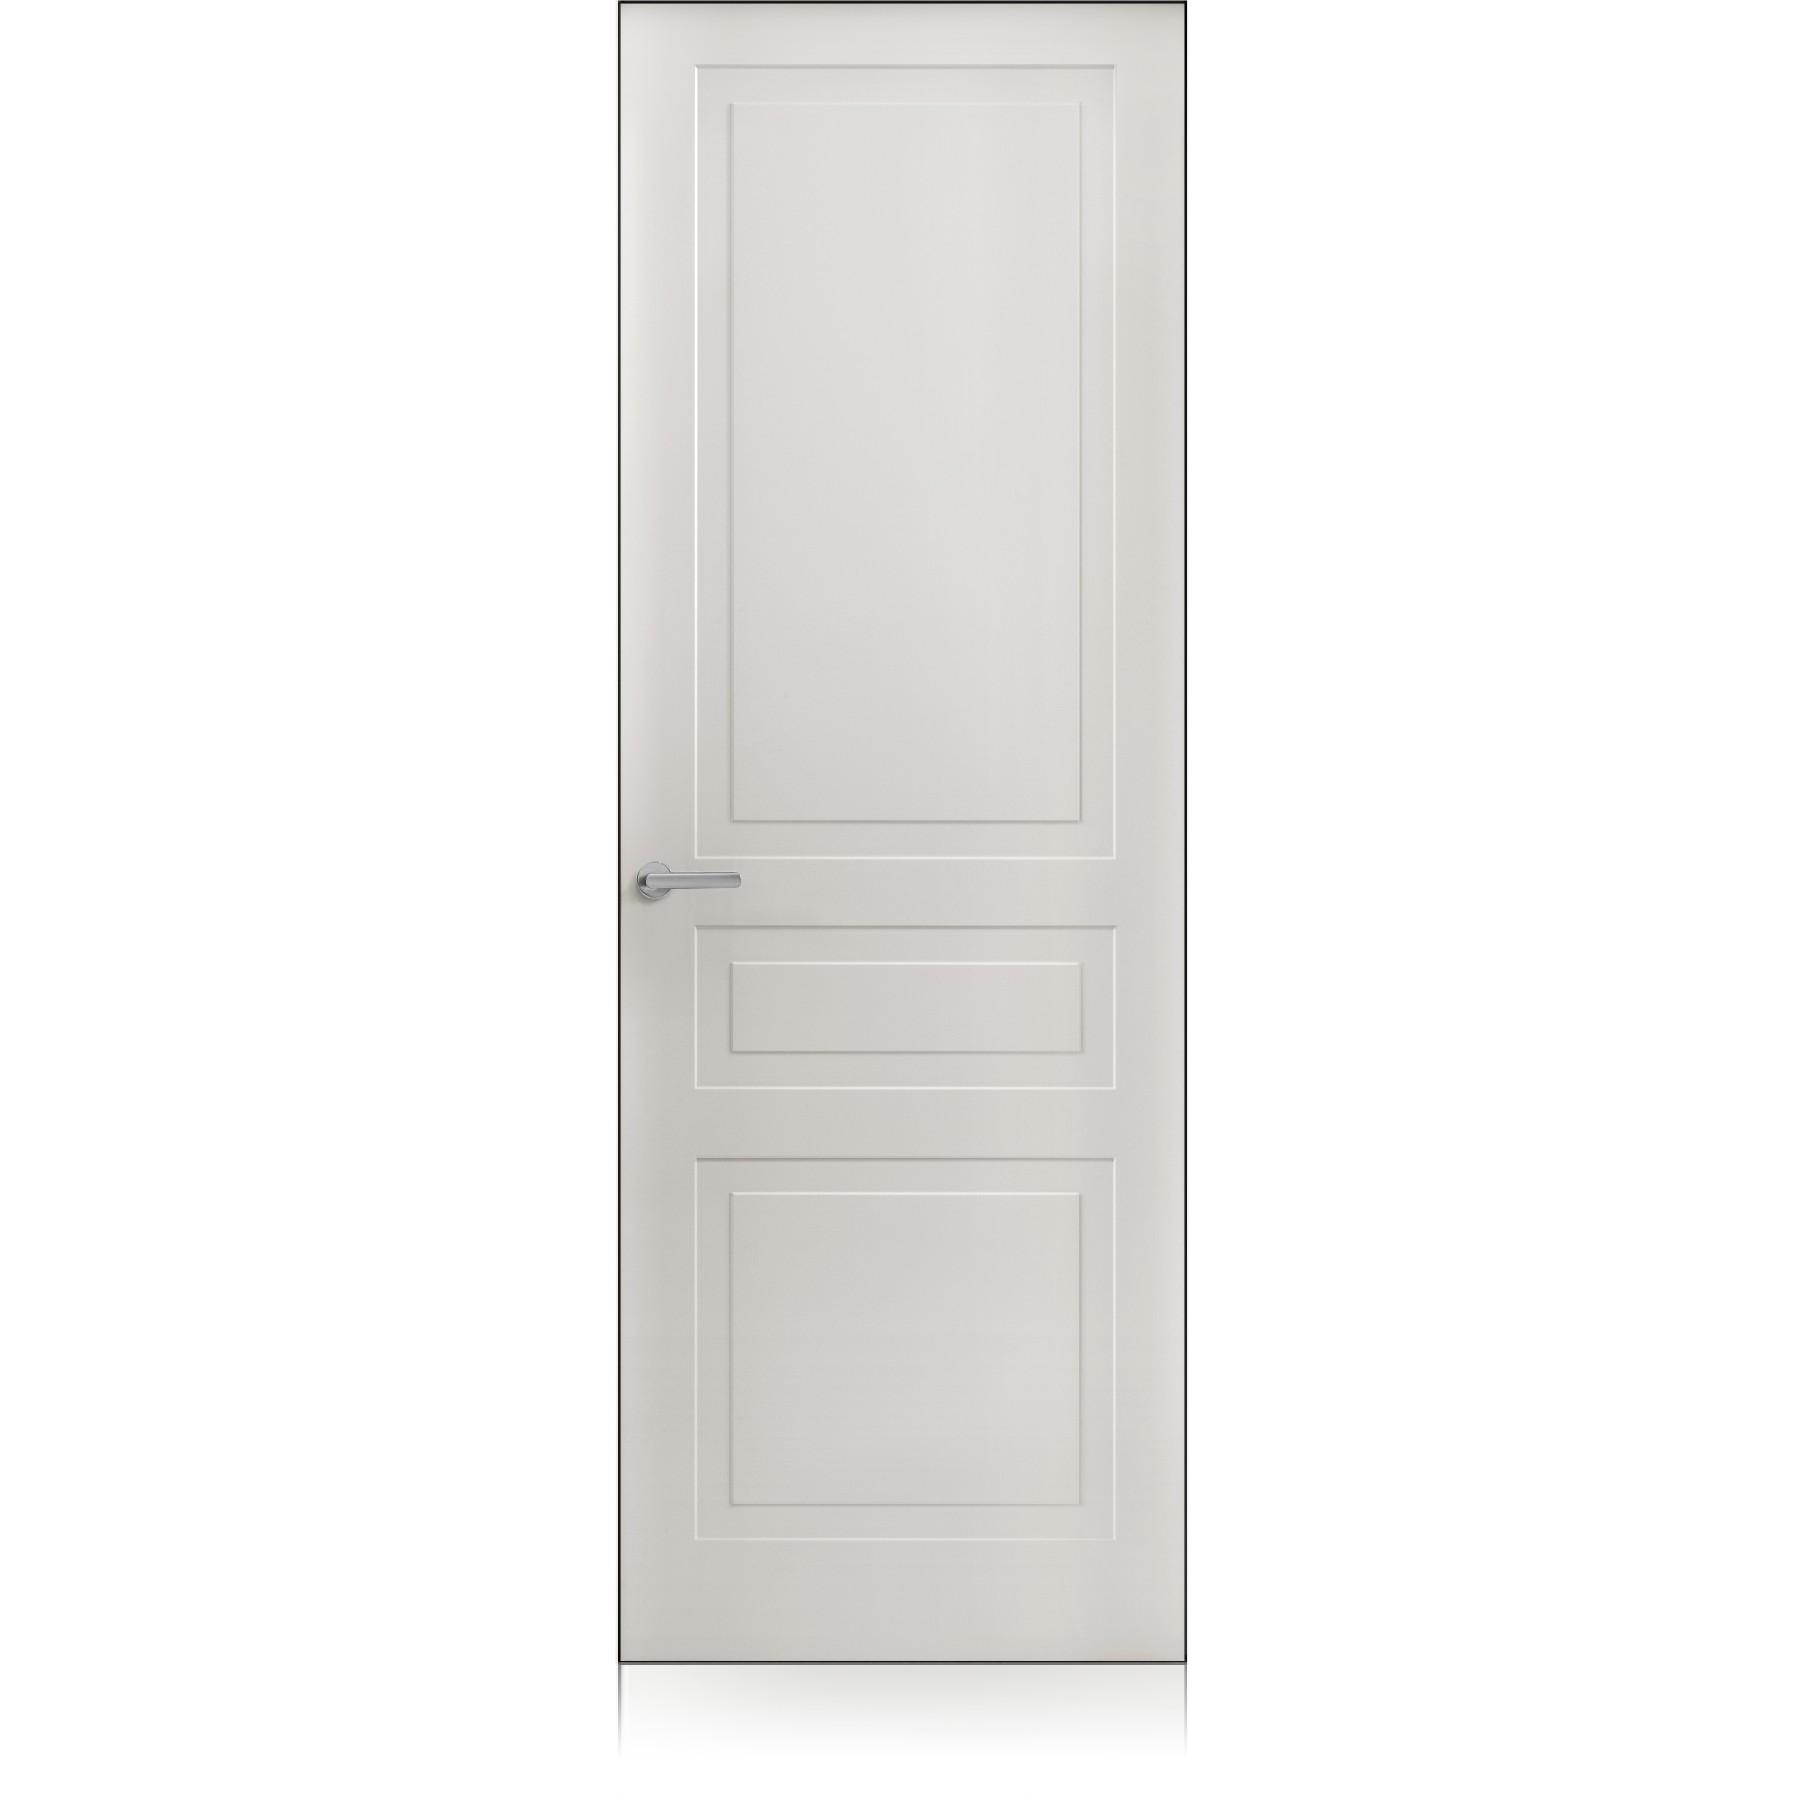 Porta Mixy / 7 Zero Grigio Lux Laccato ULTRAopaco